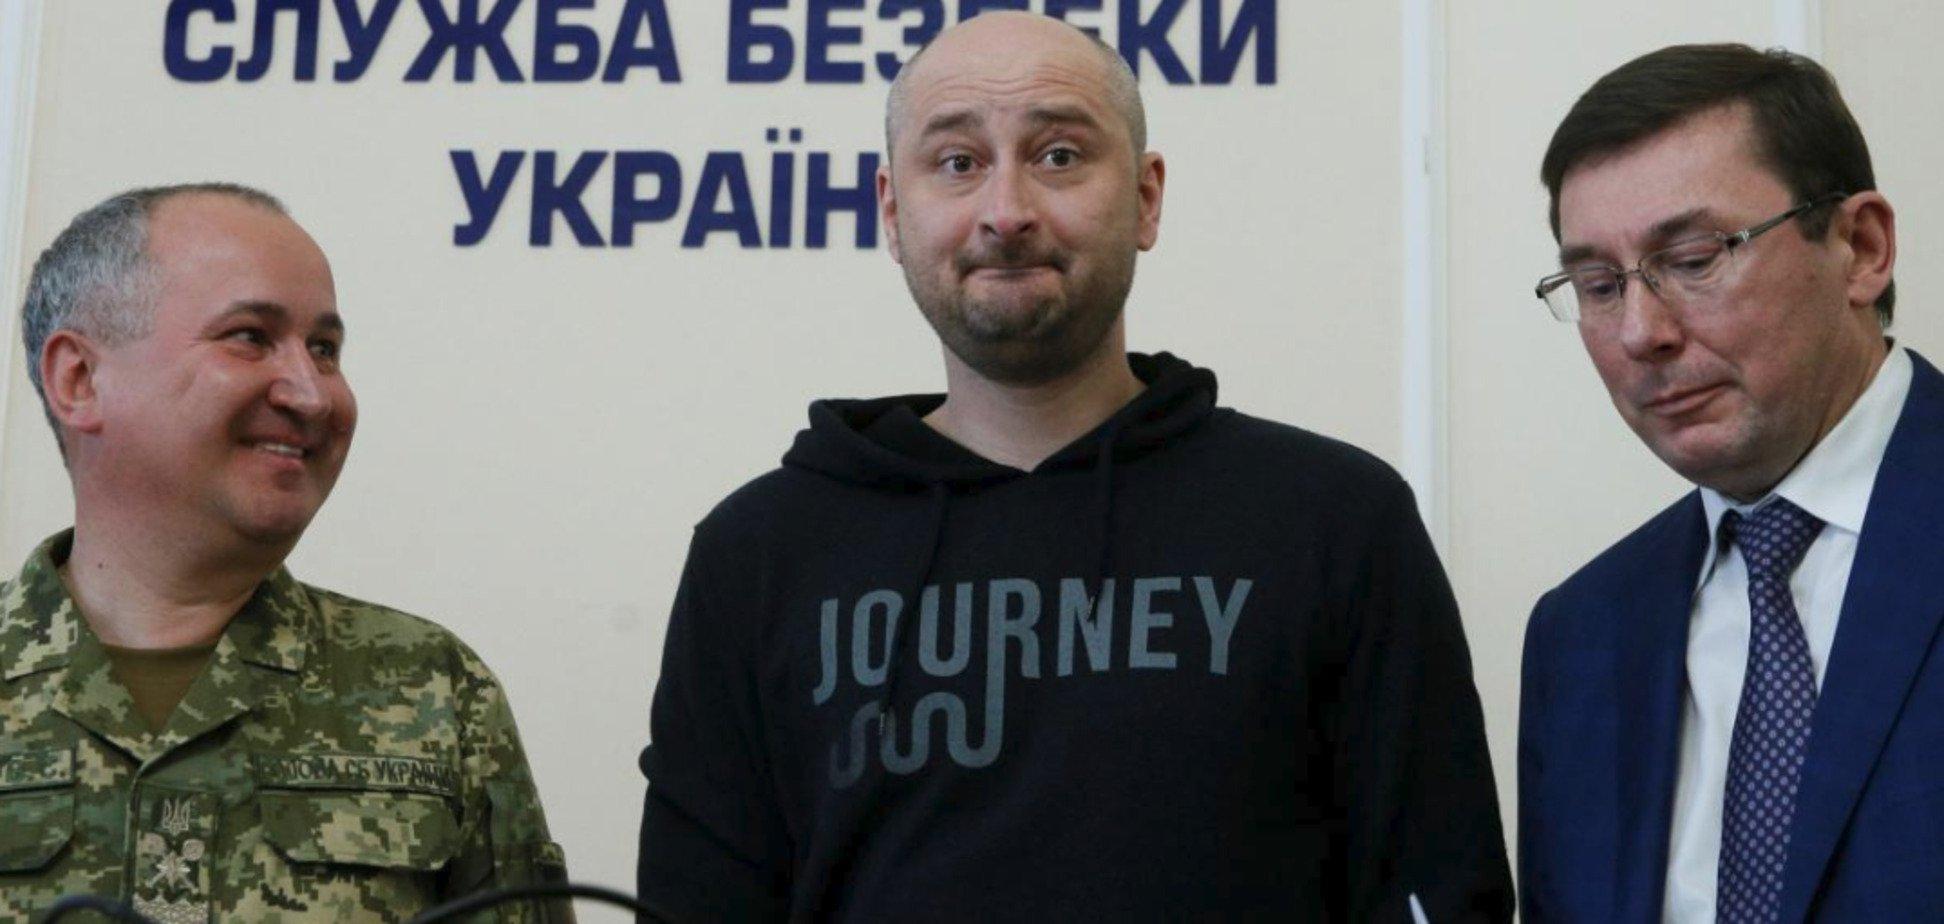 'По методичкам КГБ': историк указал на знаковый момент в 'списке 47'